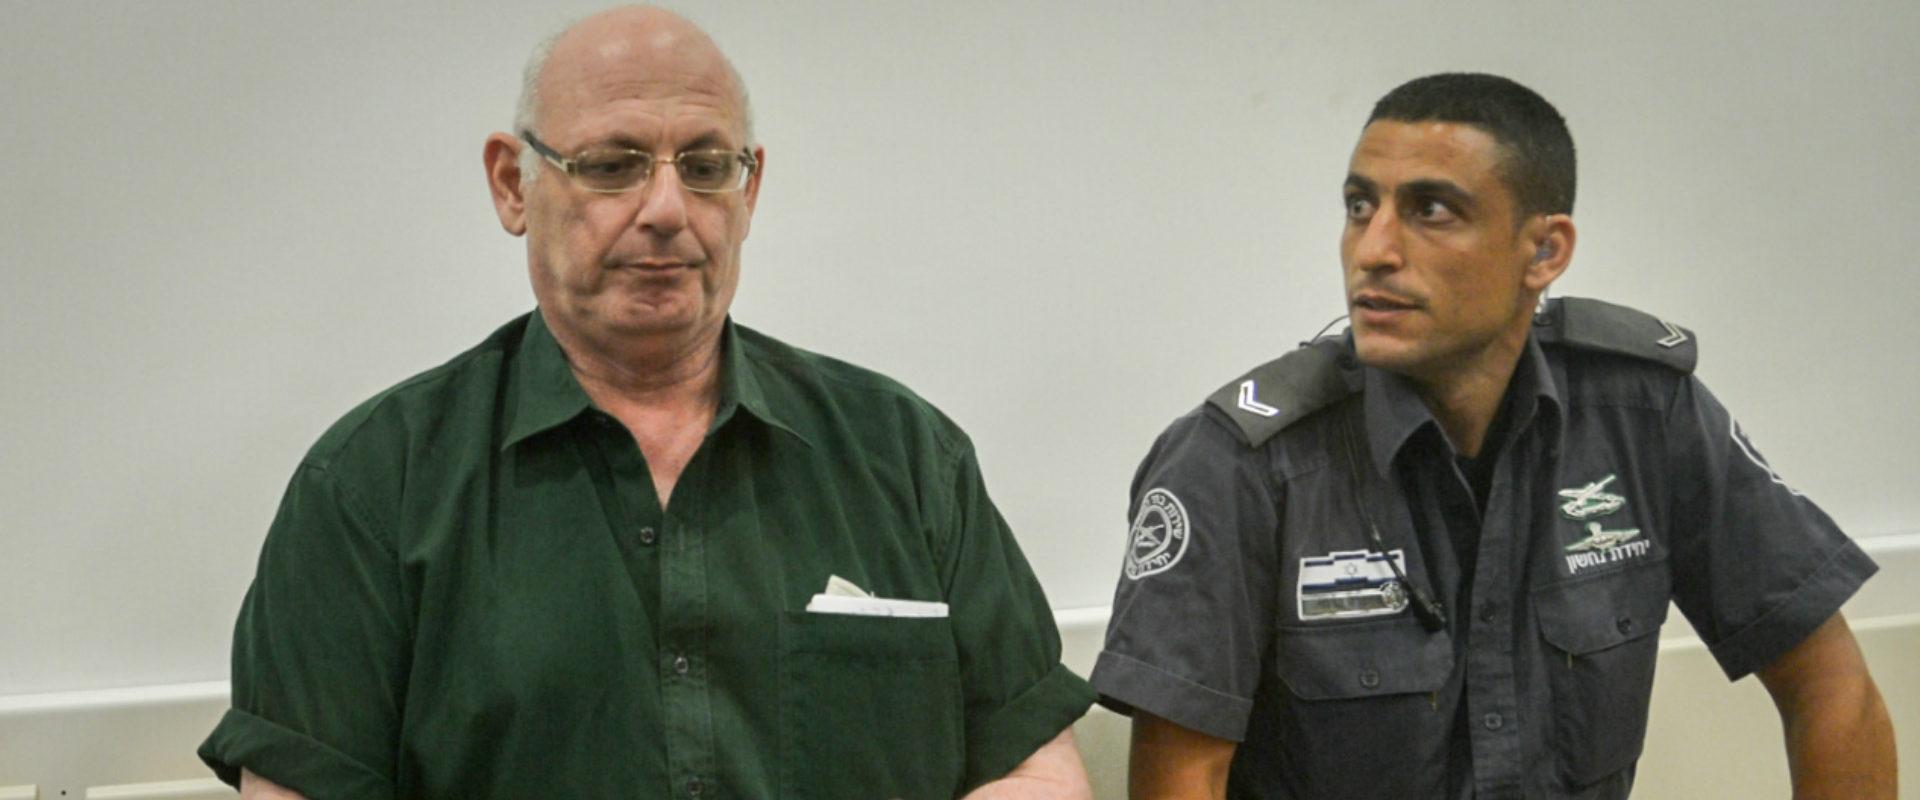 שמעון קופר בבית המשפט, בשנה שעברה